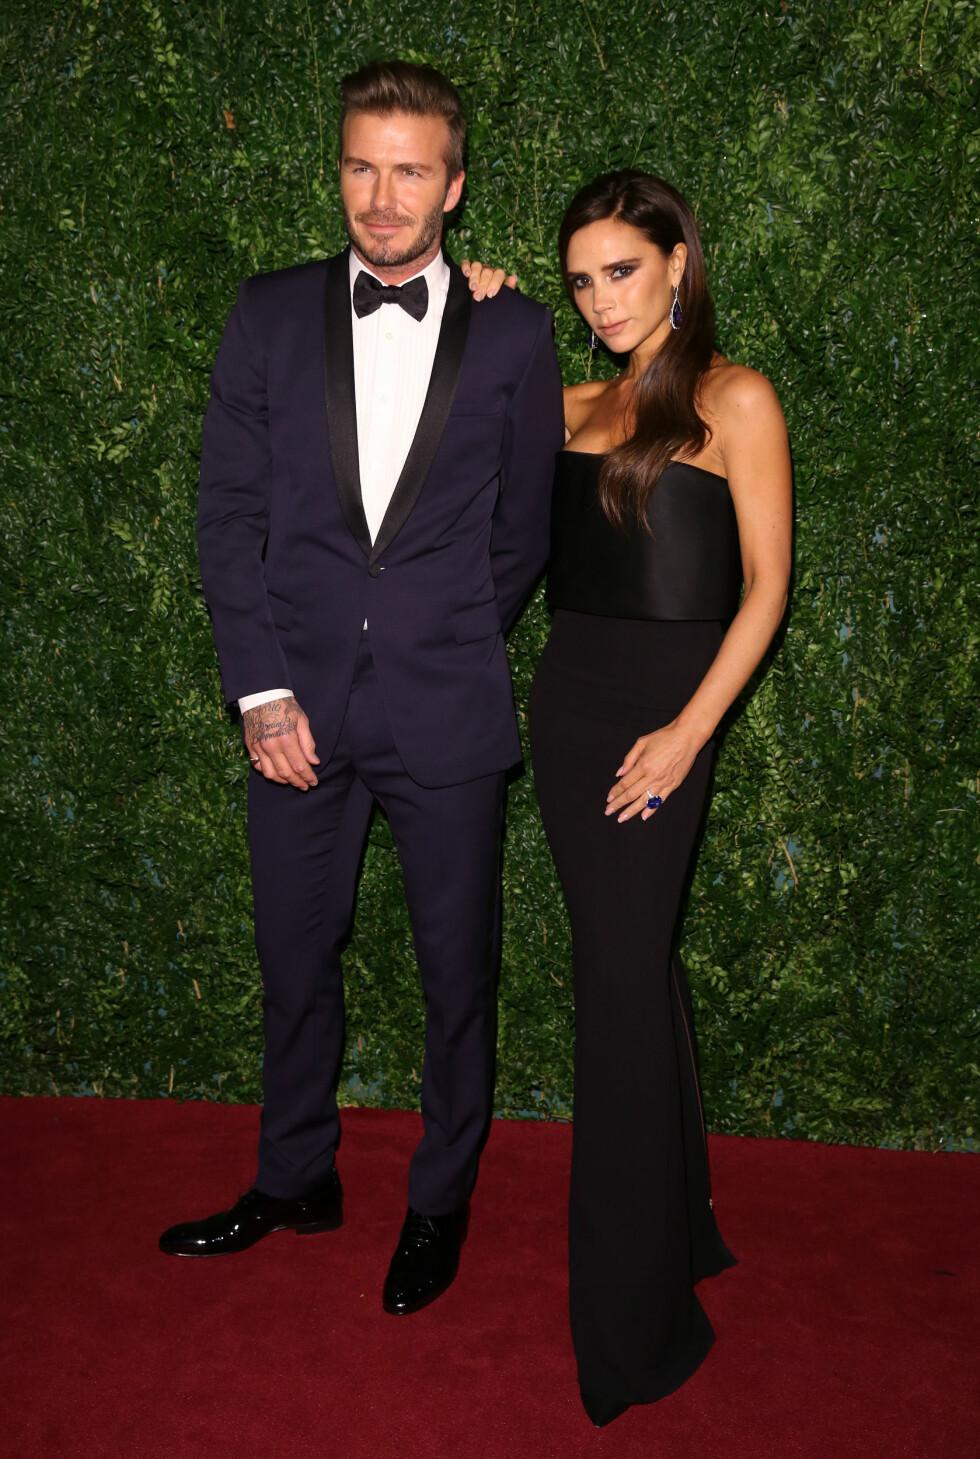 FORTSATT TILTRUKKET AV KONA: David og Victoria Beckham giftet seg i 1999. Fotballspilleren er fortsatt svært tiltrukket av designer-kona.  Foto: wenn.com